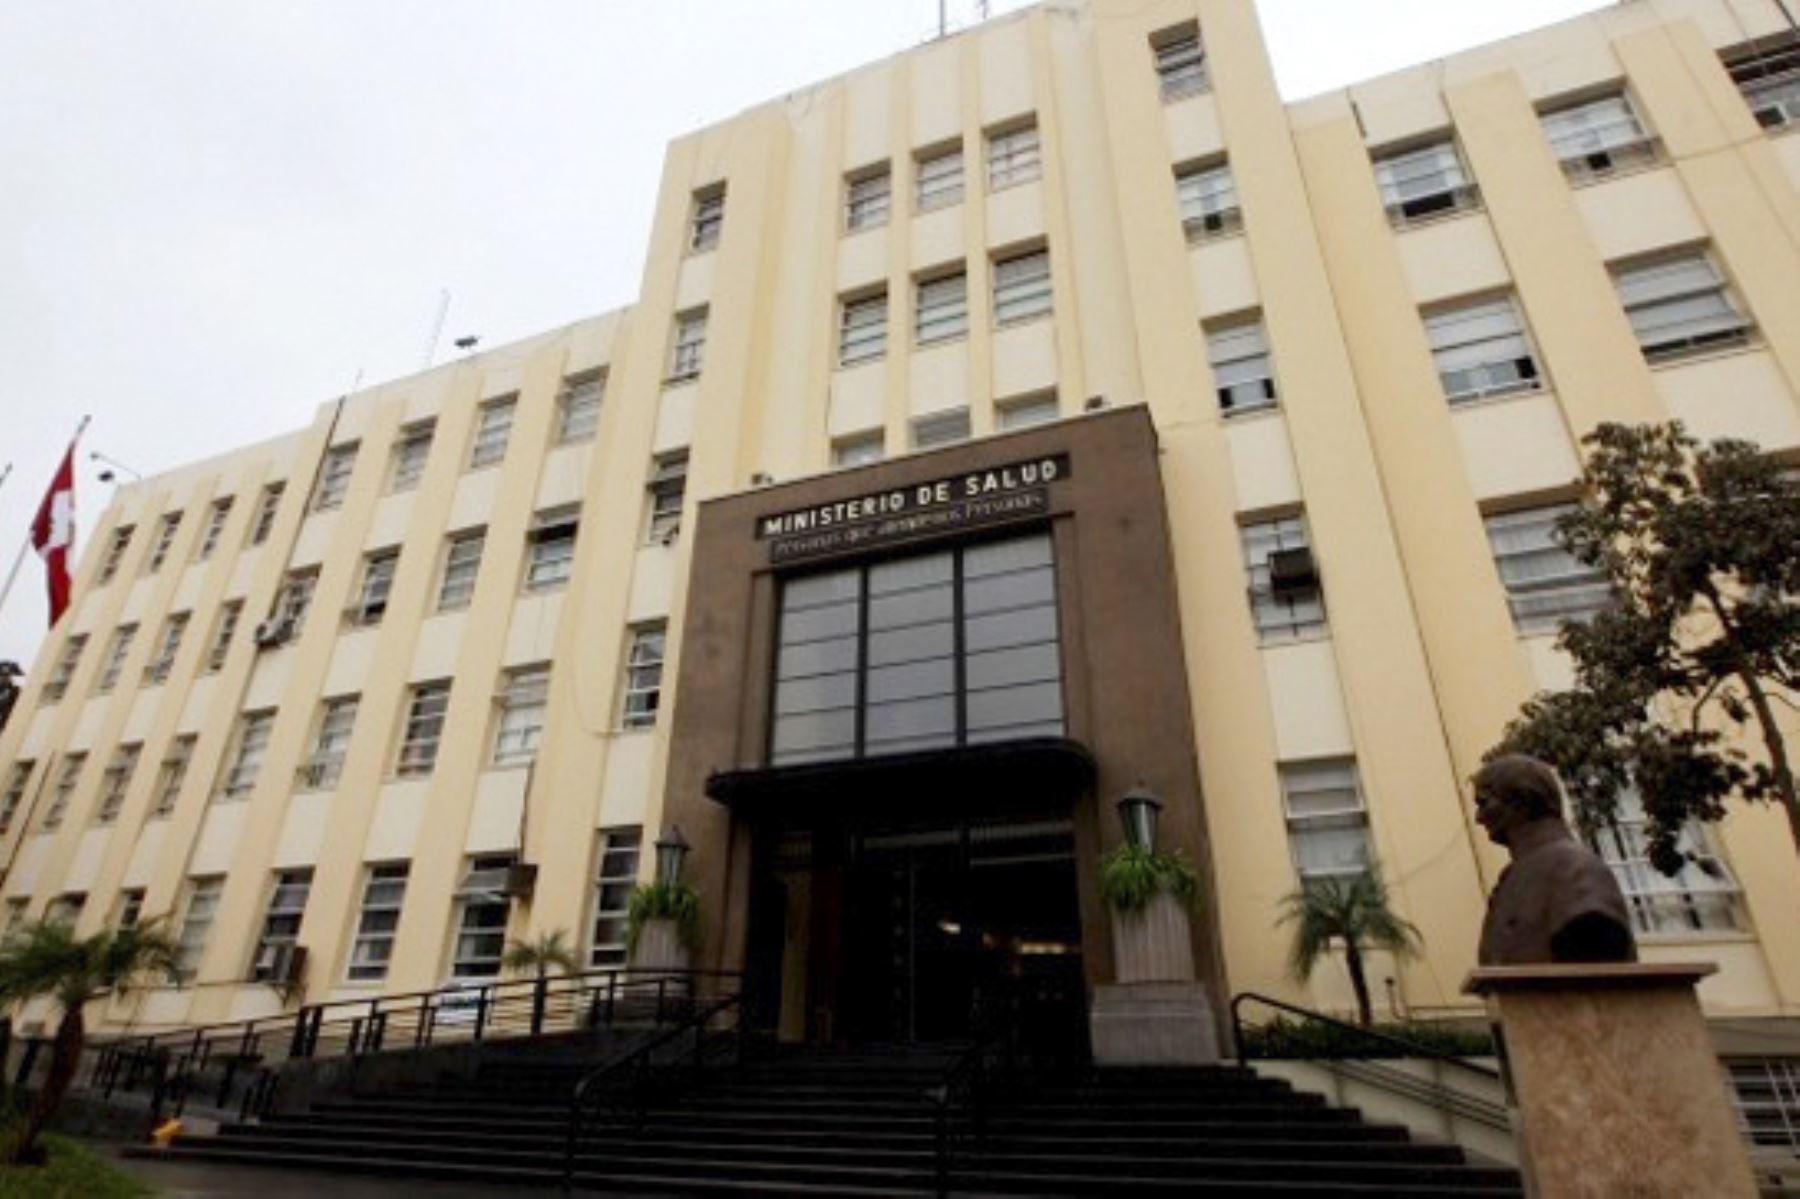 en-hospitales-del-minsa-y-essalud-se-recuperan-19-ciudadanos-lesionados-en-movilizaciones